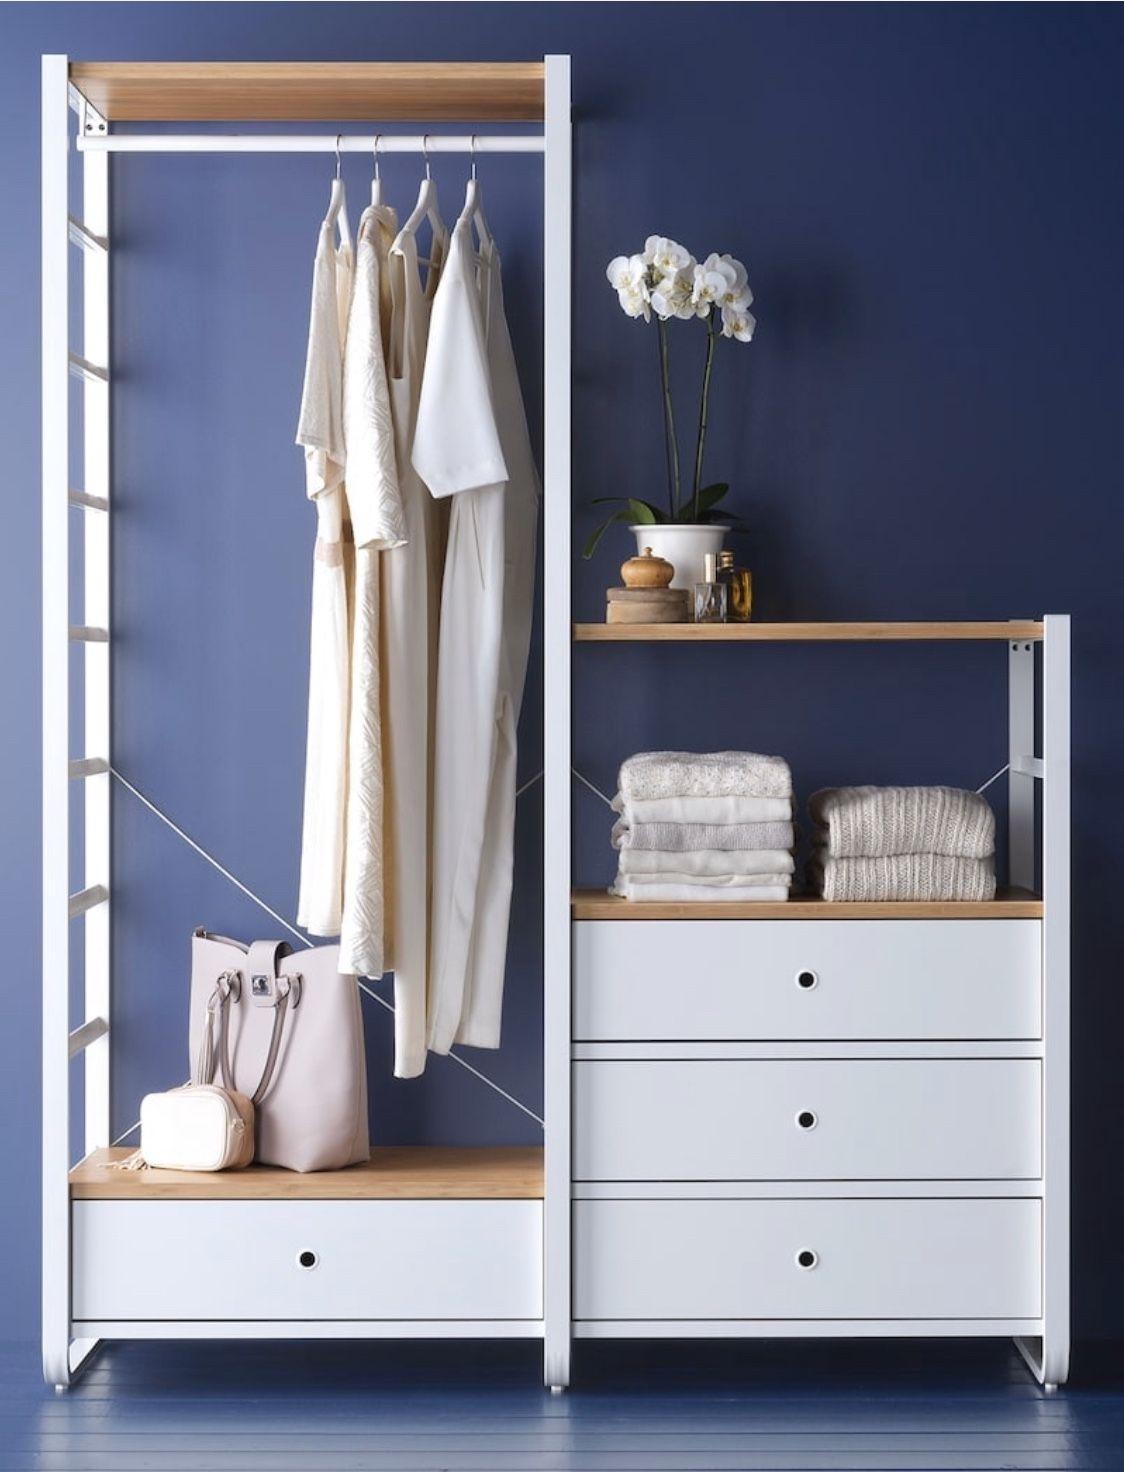 Ikea Elvarli White Bamboo 2 Section Closet Organizer In 2020 Ikea Schranksystem Offenes Regal Ikea Elvarli